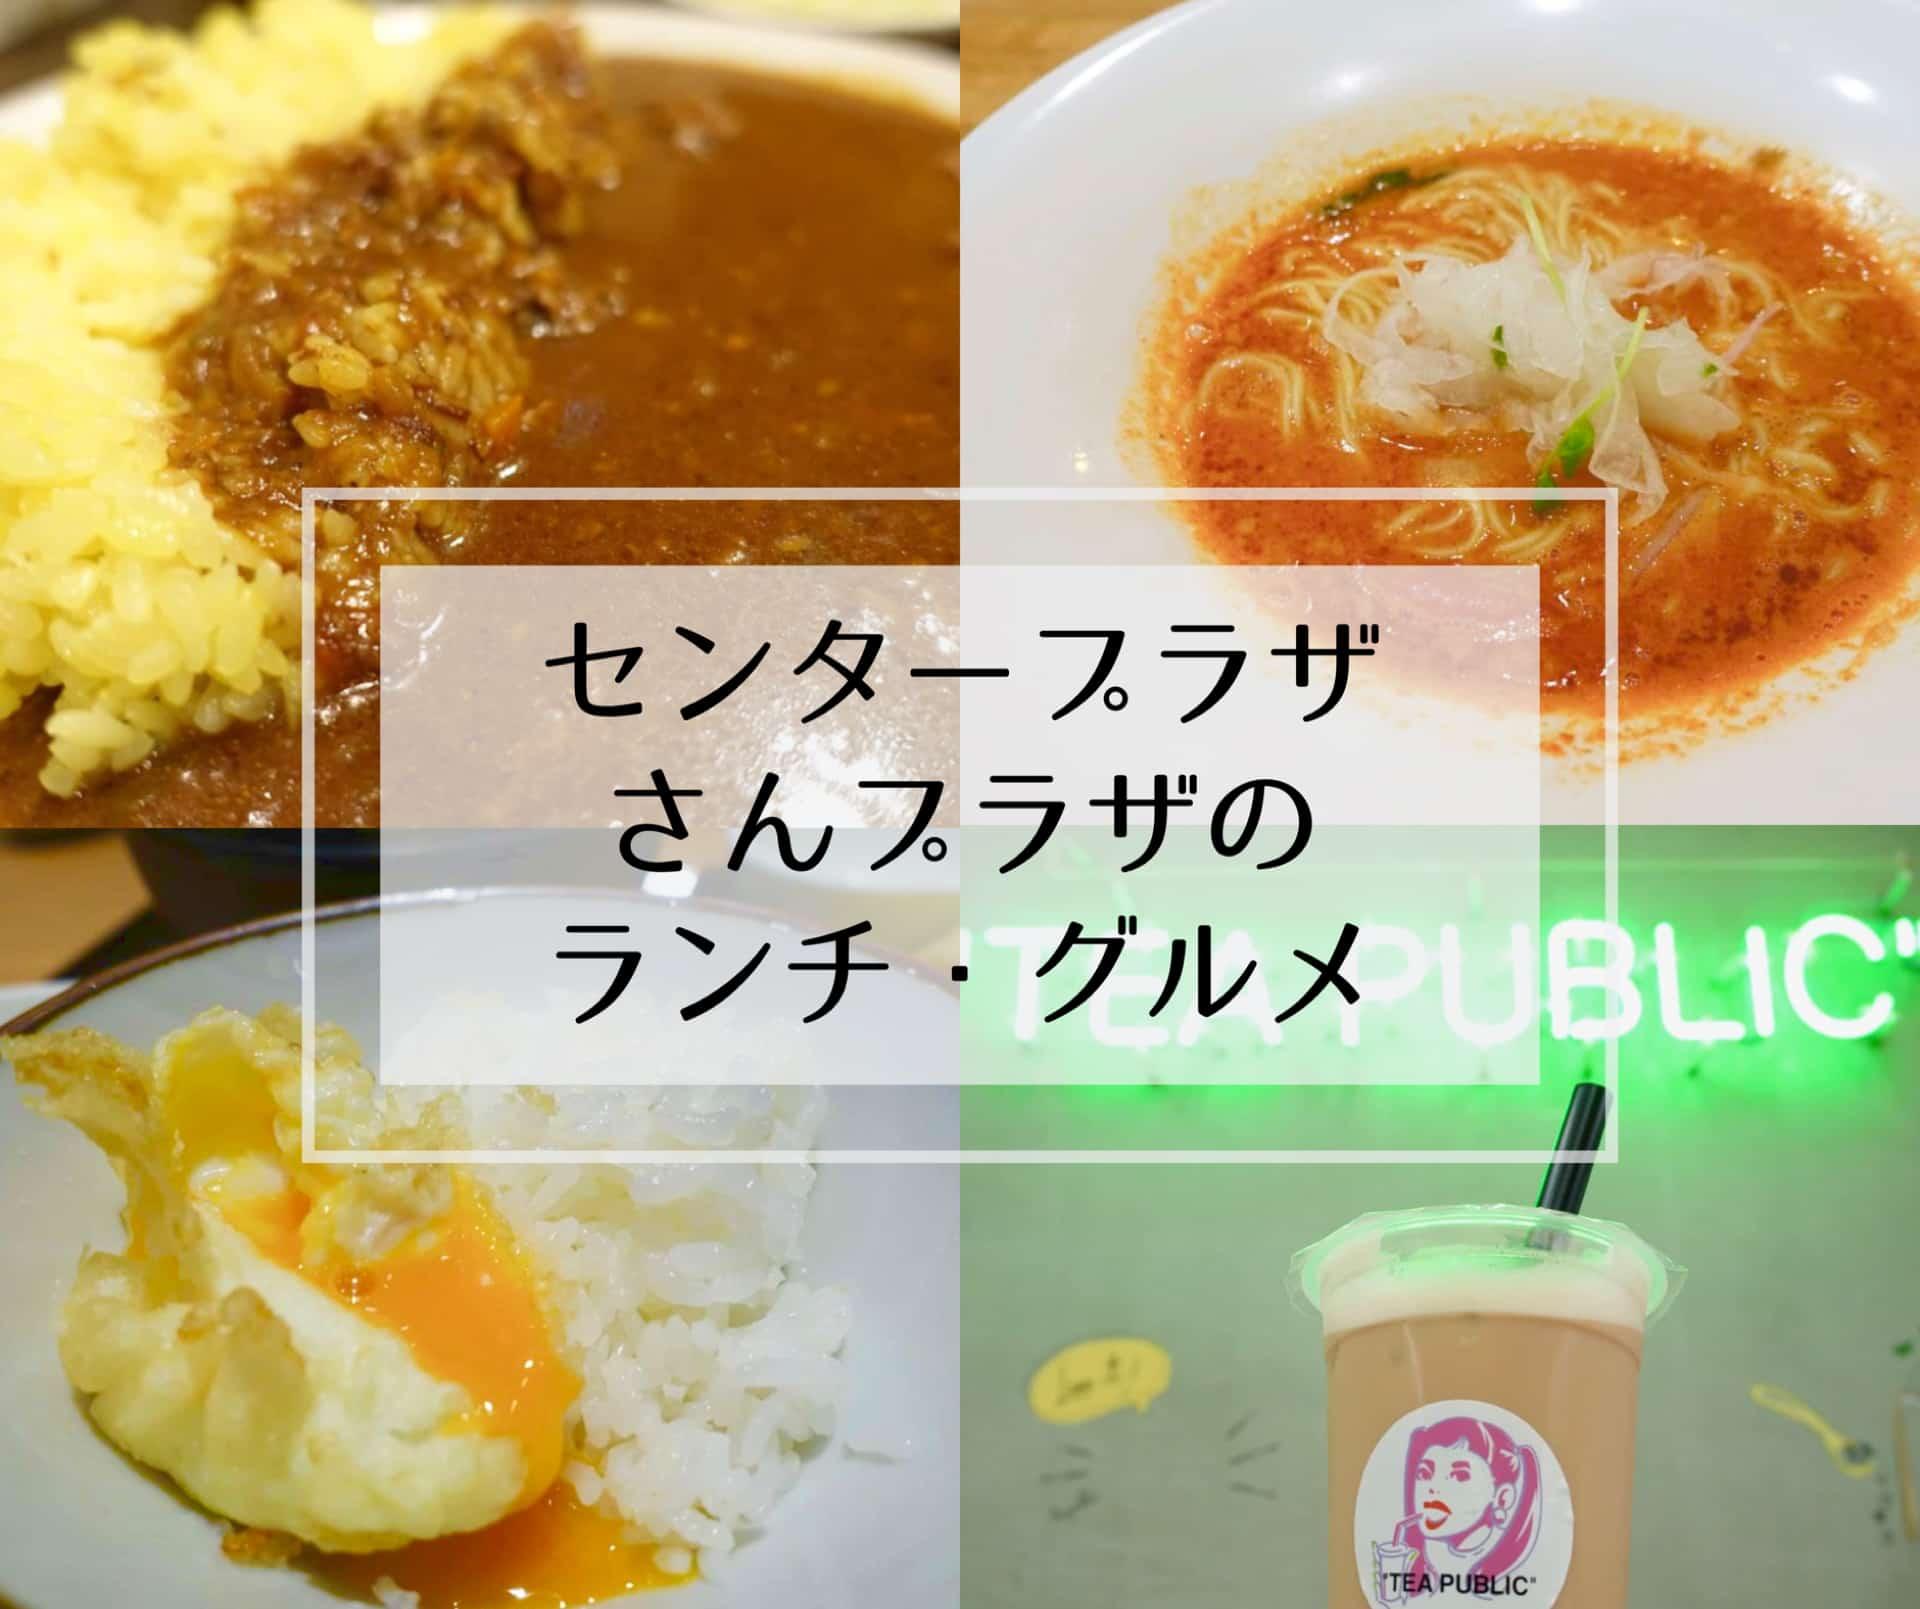 三宮センタープラザ・さんプラザのランチ・グルメまとめ。天ぷら・カレー・ラーメン・タピオカも!